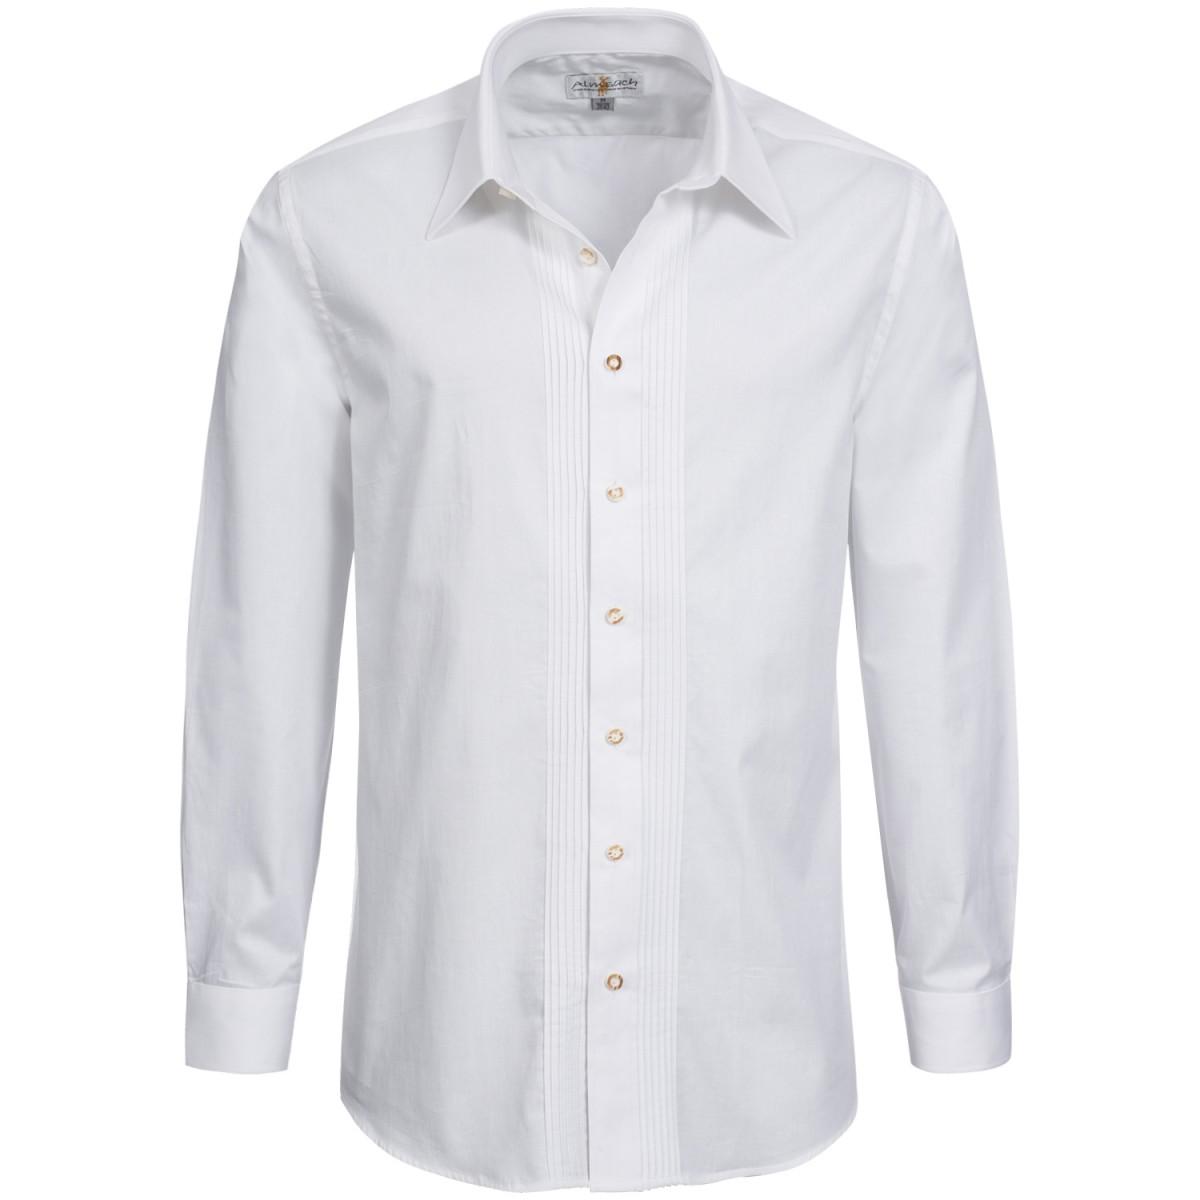 Trachtenhemd Slimline mit Biesen in Weiß von Almsach günstig online kaufen